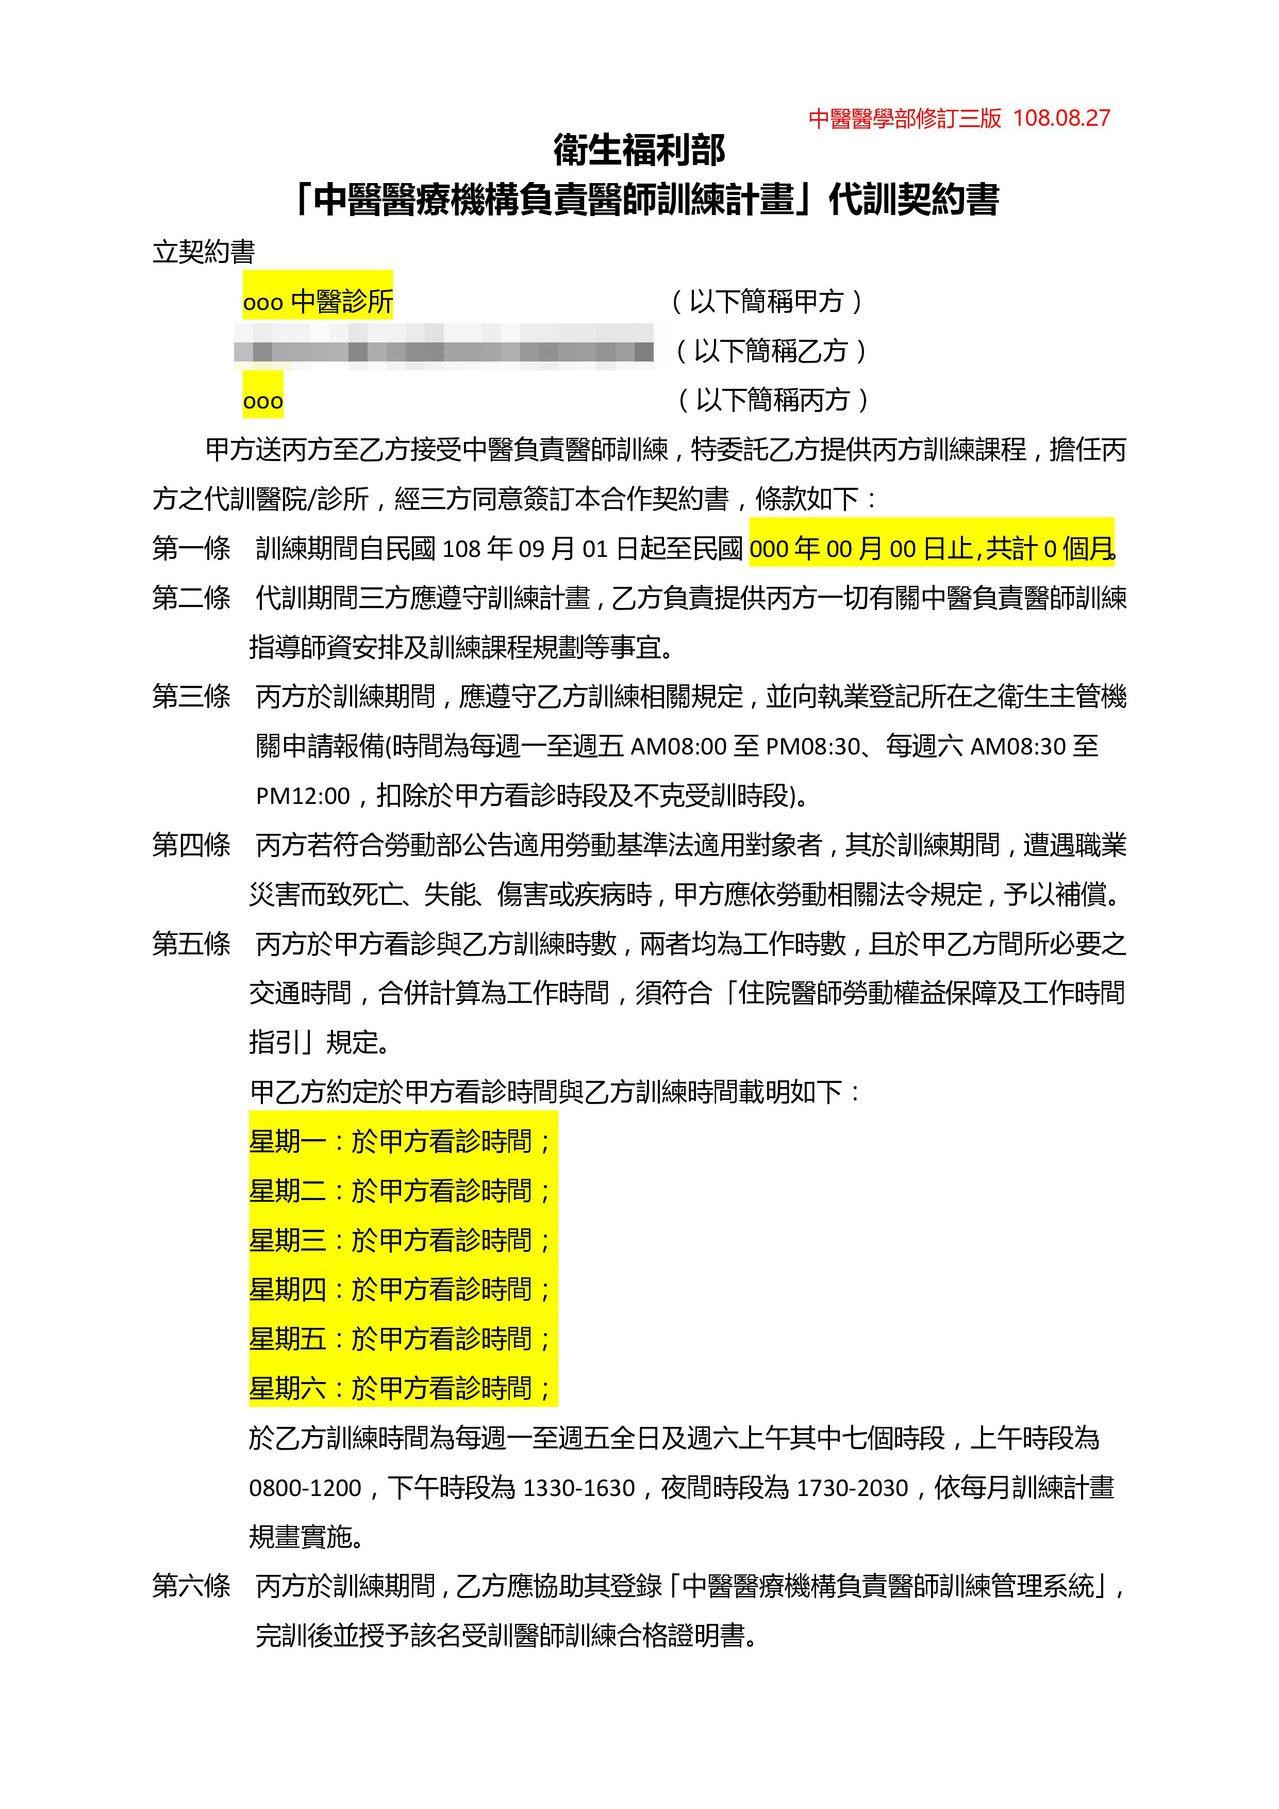 今年九月起,台北市一間區域醫院透過代訓契約訂定工時下限(契約第一頁)。資料來源/...